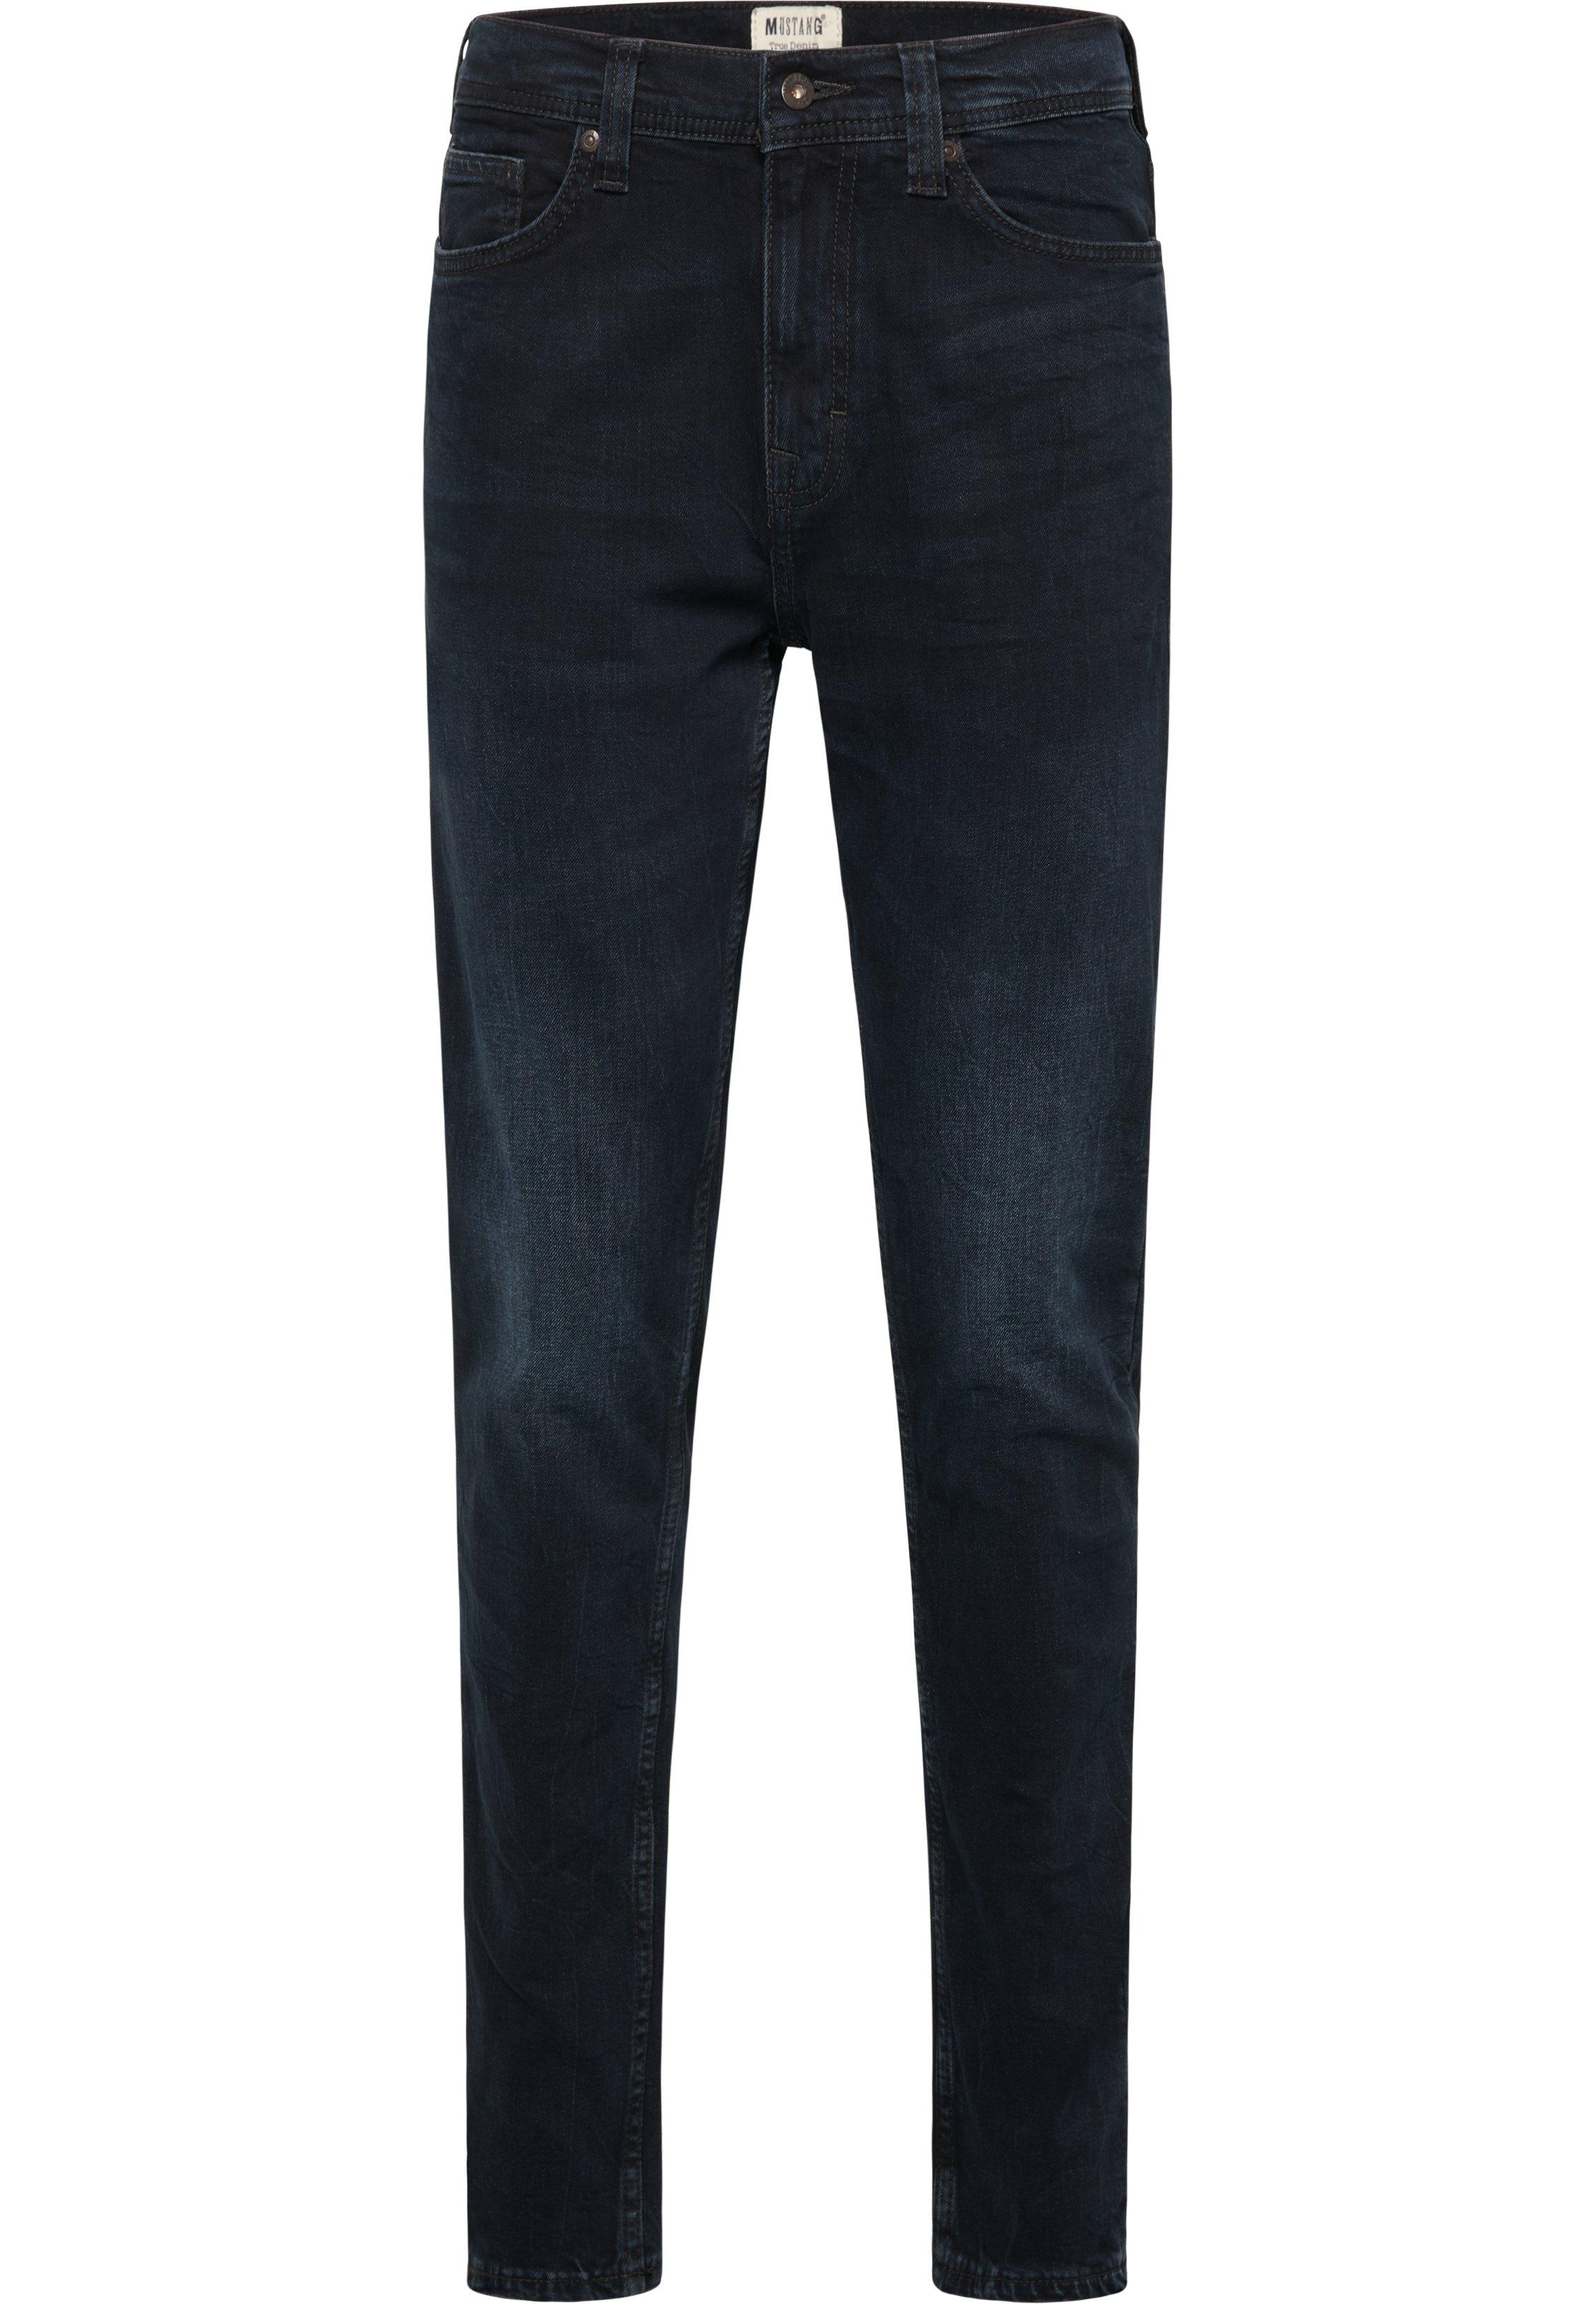 MUSTANG jeans »Vegas« veilig op otto.nl kopen